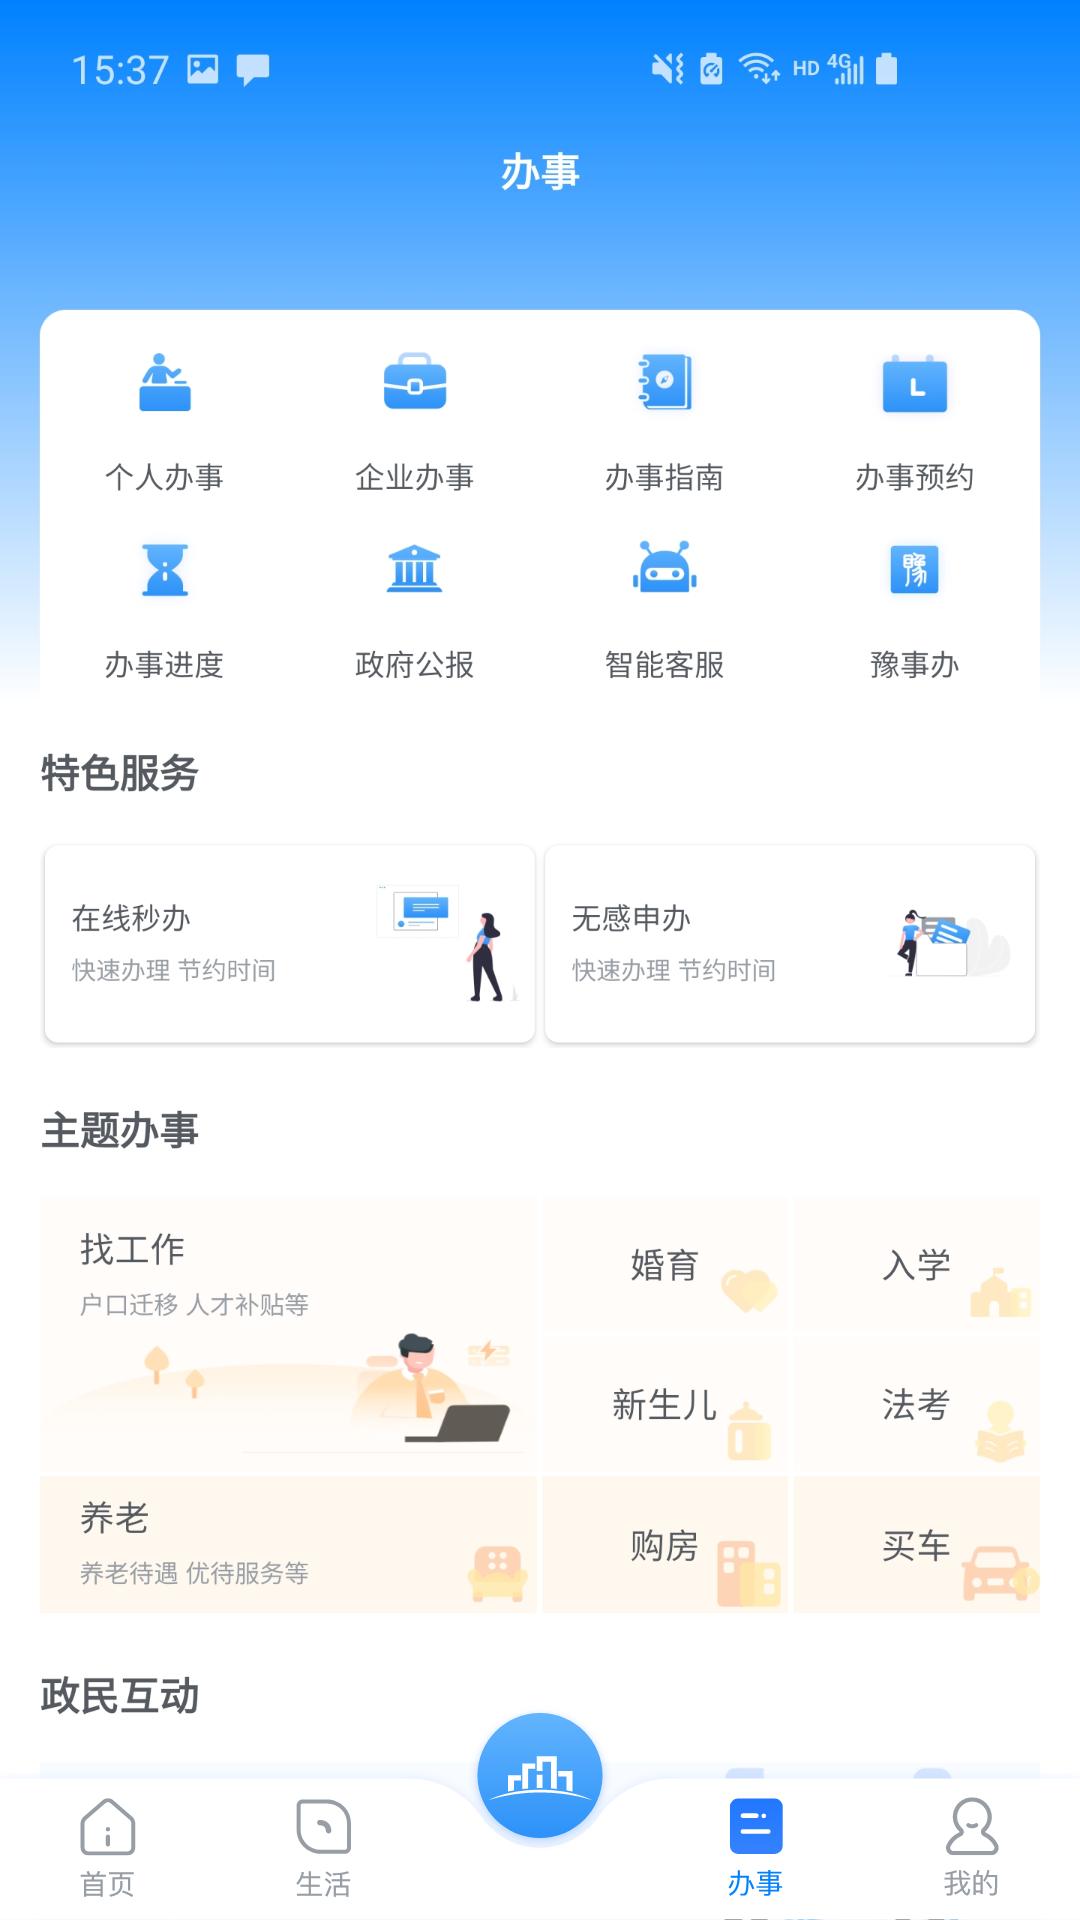 数字洛阳v1.0.0